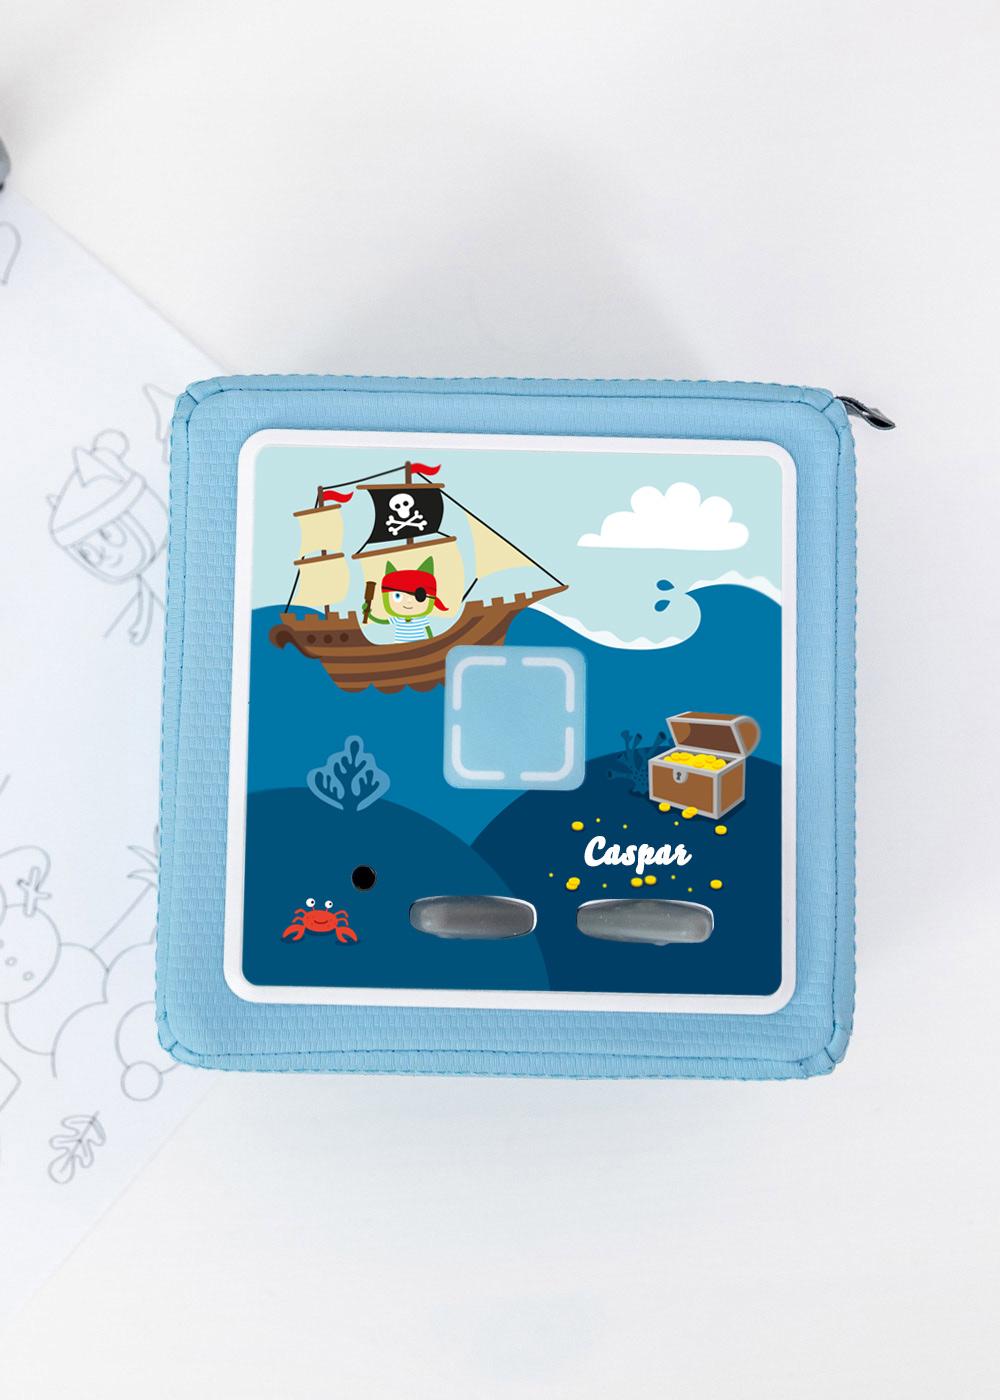 dekofolie toniebox weltmeere personalisiert kindername 4